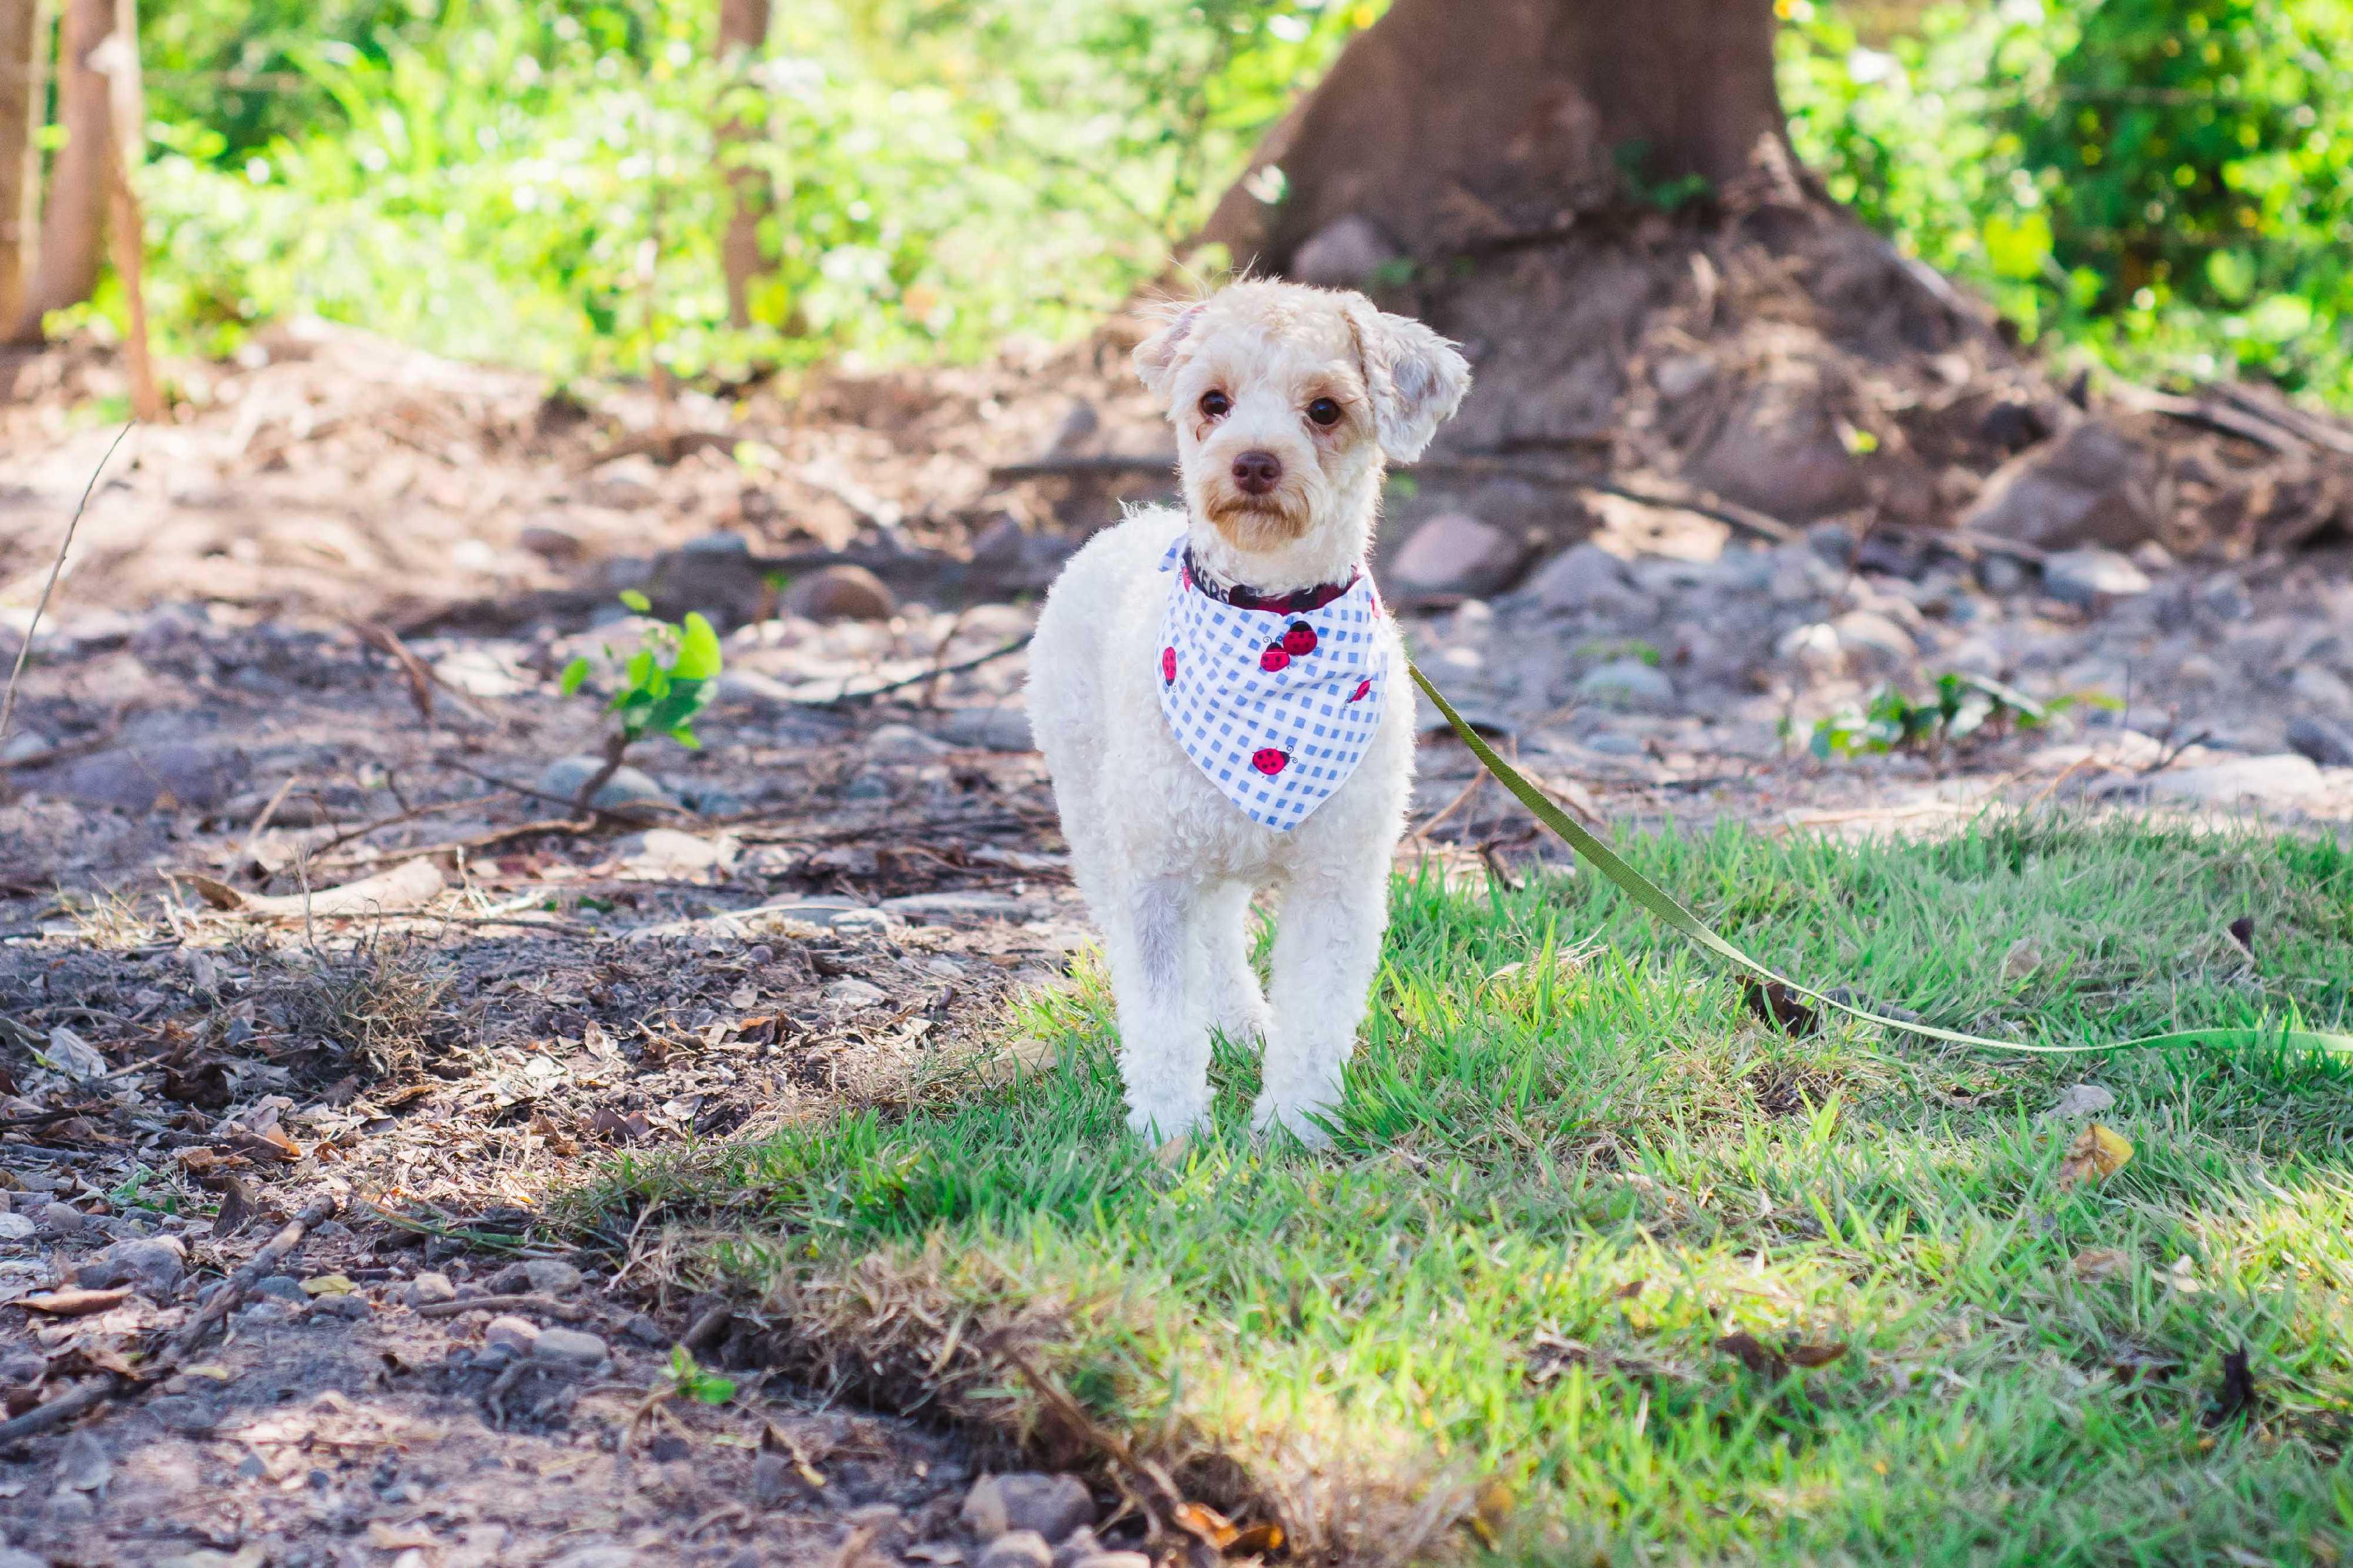 Edmonton Ab Miniature Poodle Meet Crackers A Pet For